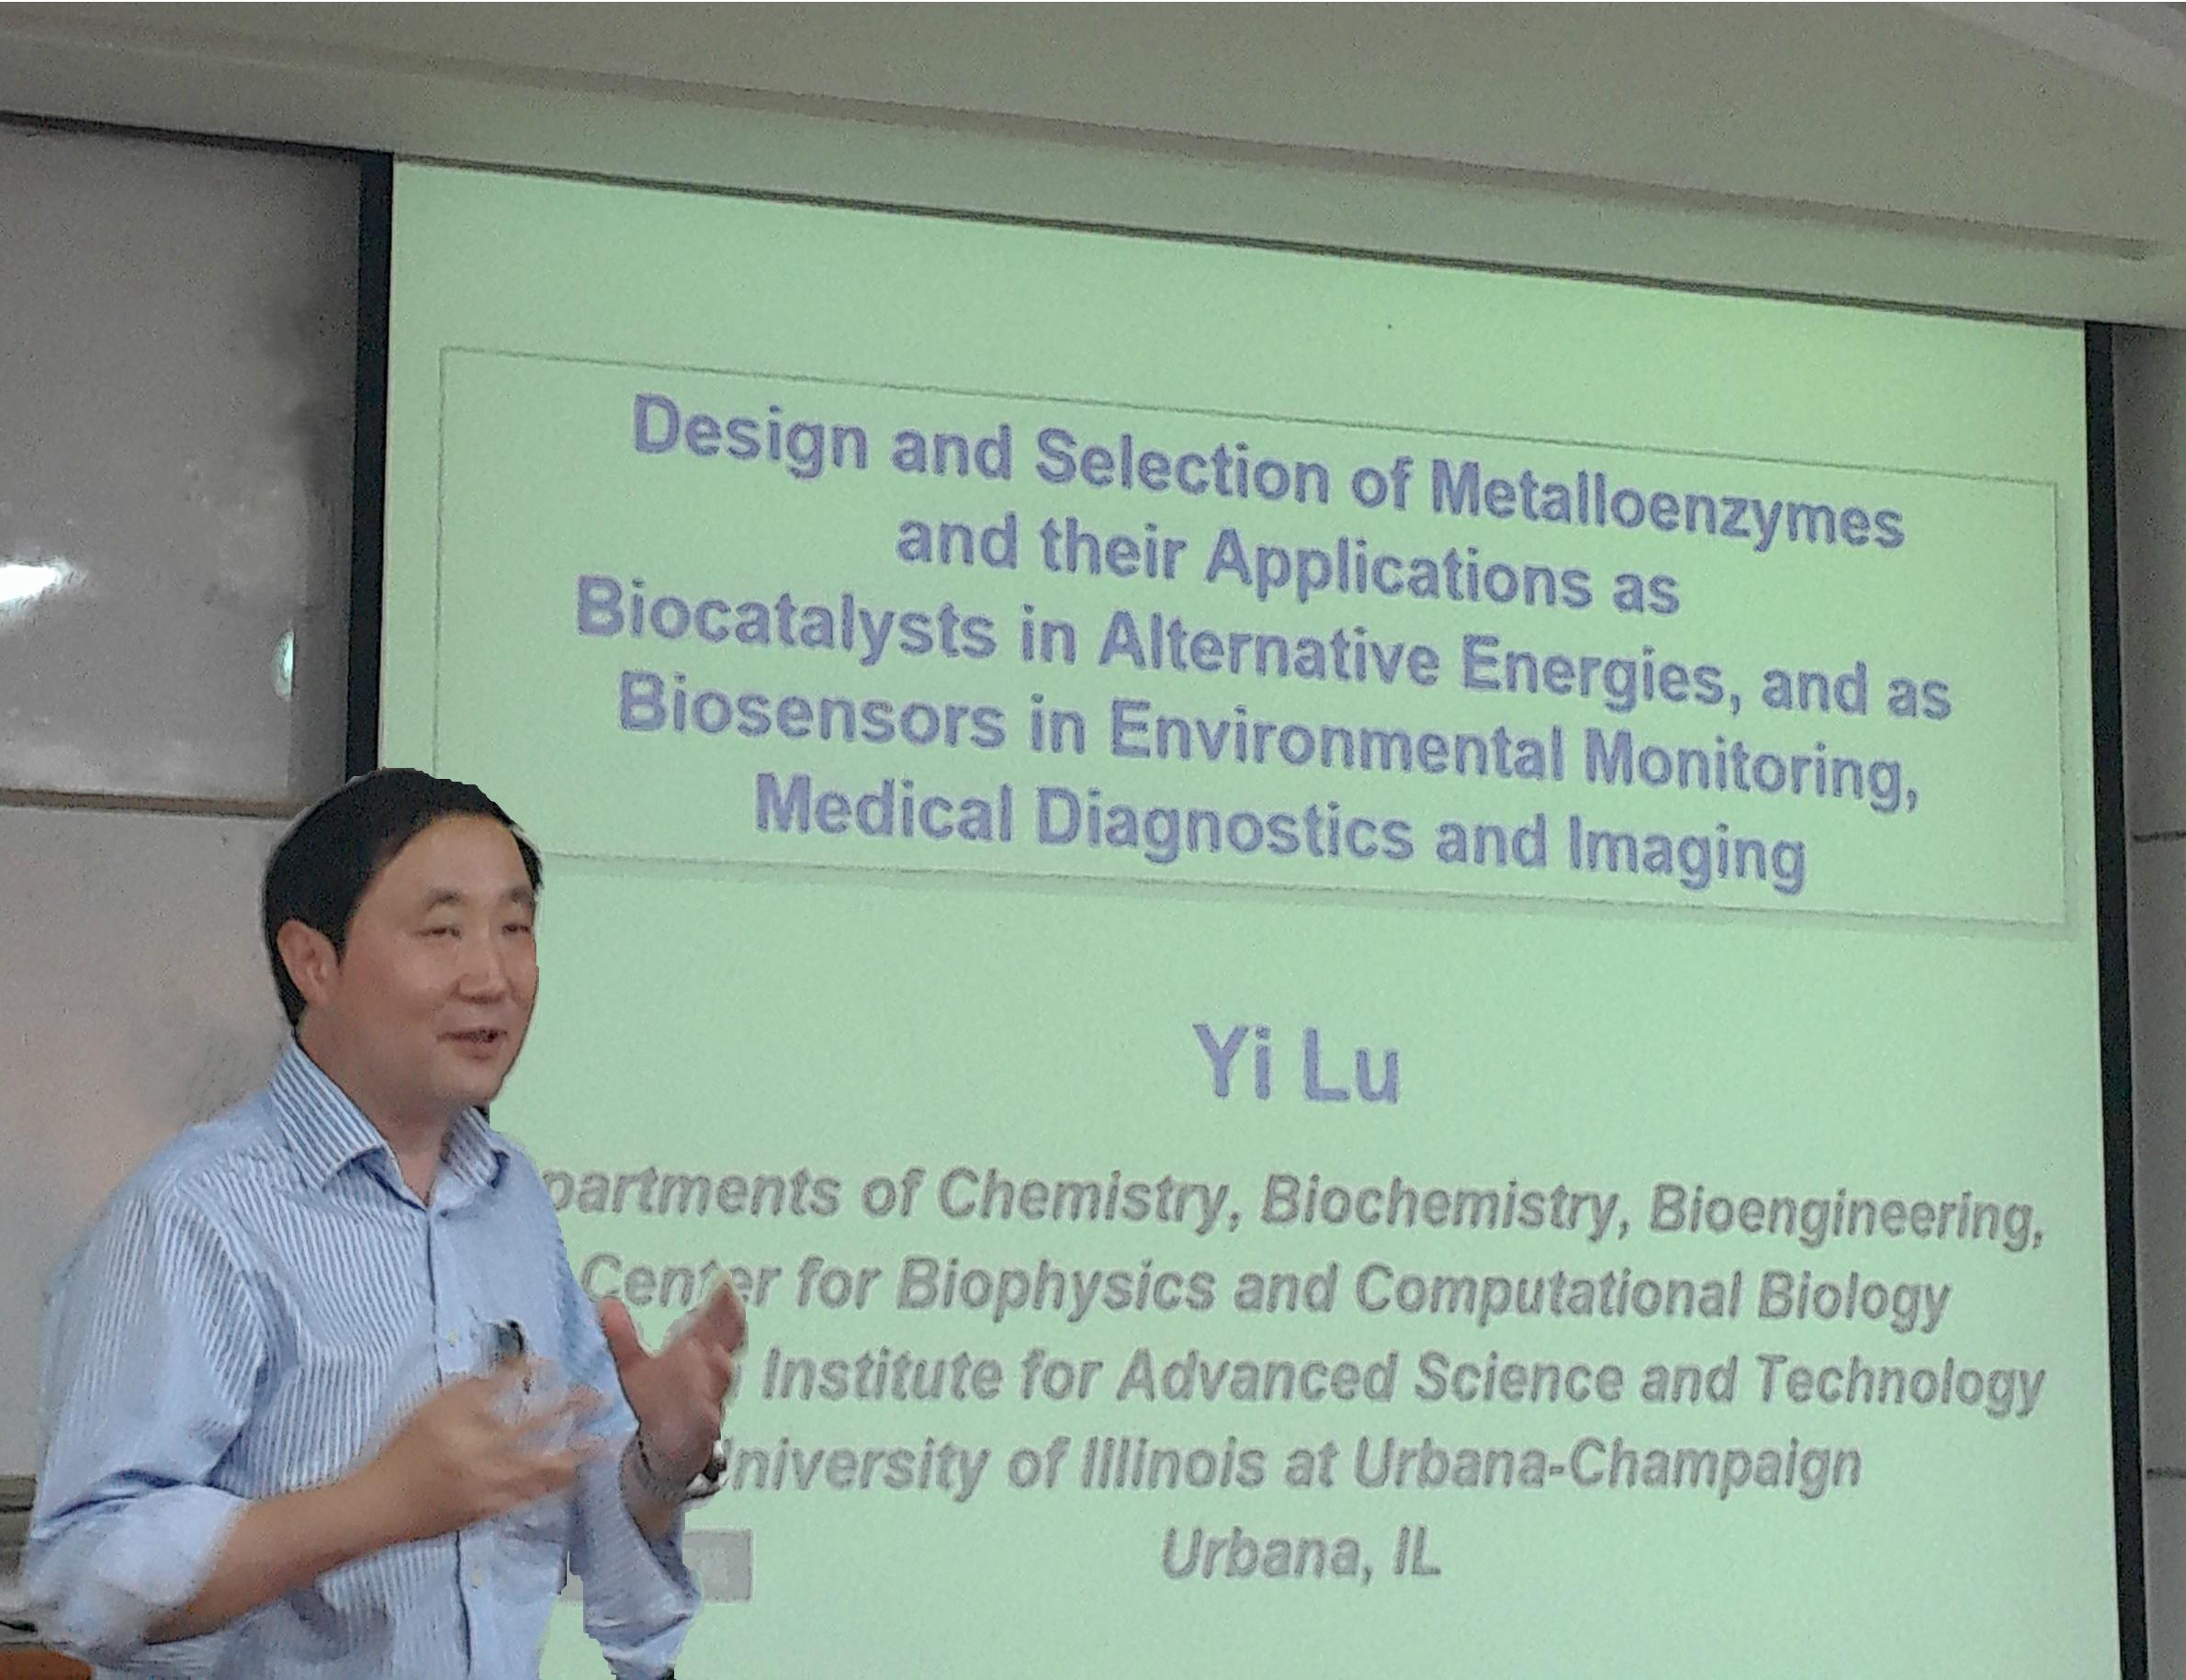 美国伊利诺伊大学香槟分校LU Yi教授来访我院并做学术报告